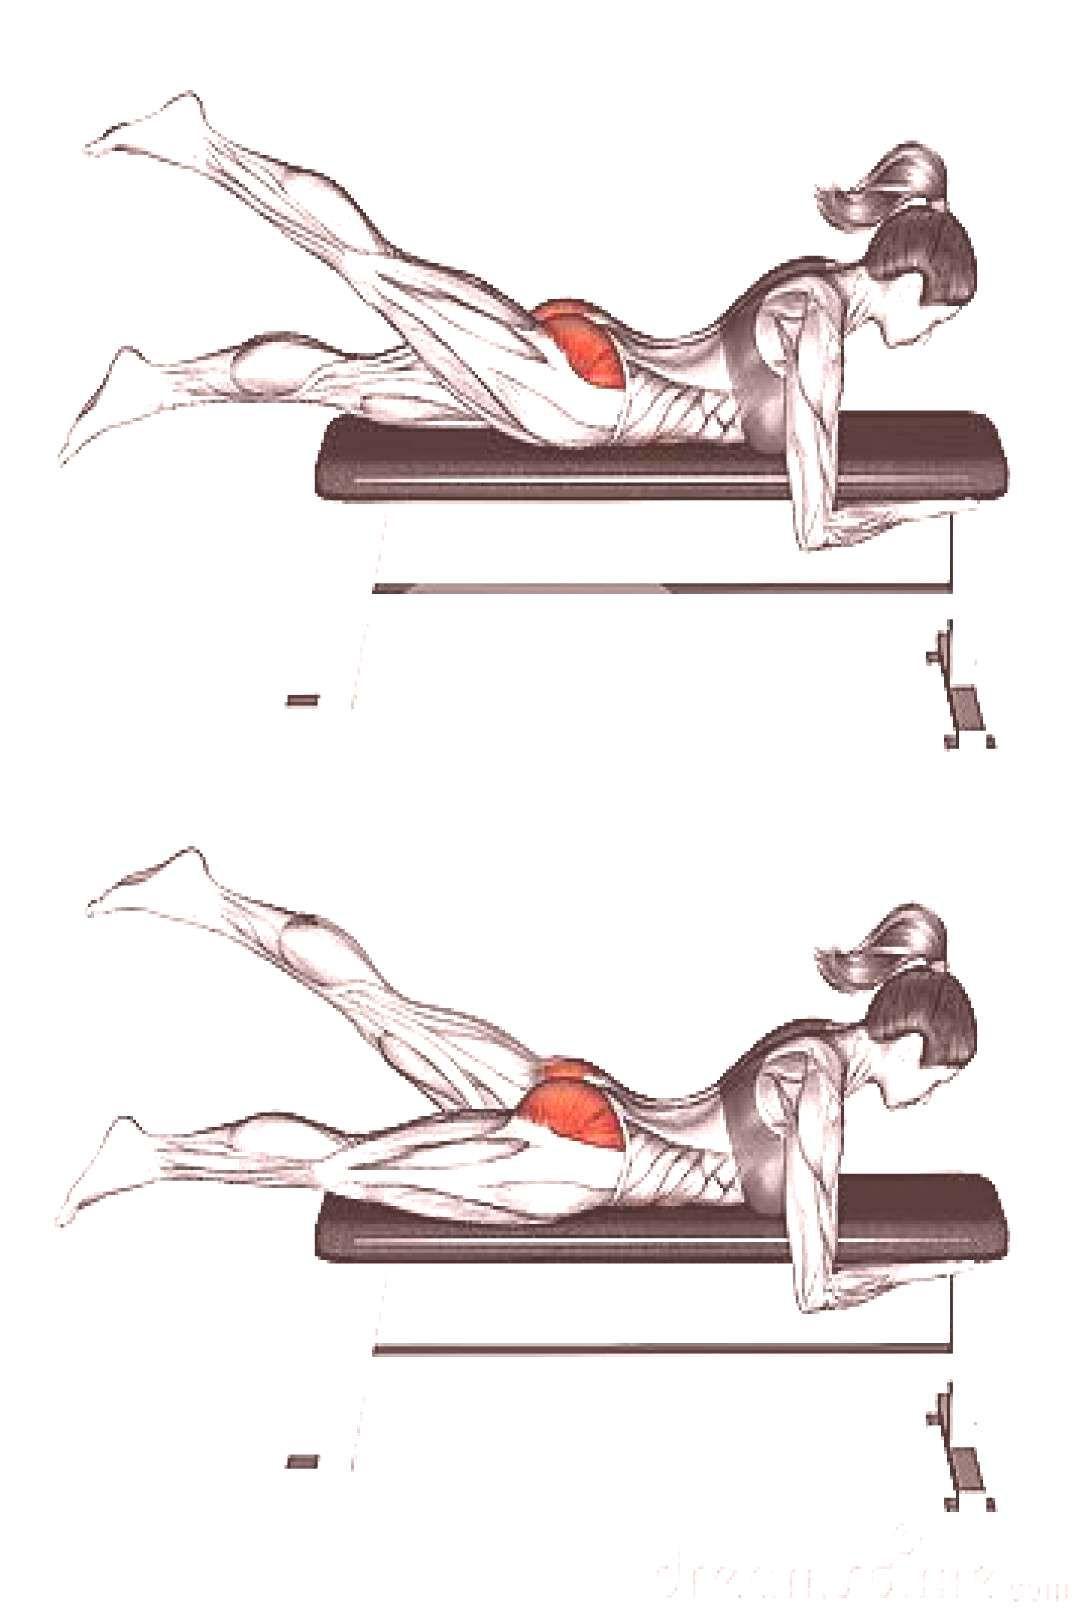 #weightlifting #femalefitness #fitnessmodels #paigehathaway #gewichtheben #fitquotes #philheath #wor...